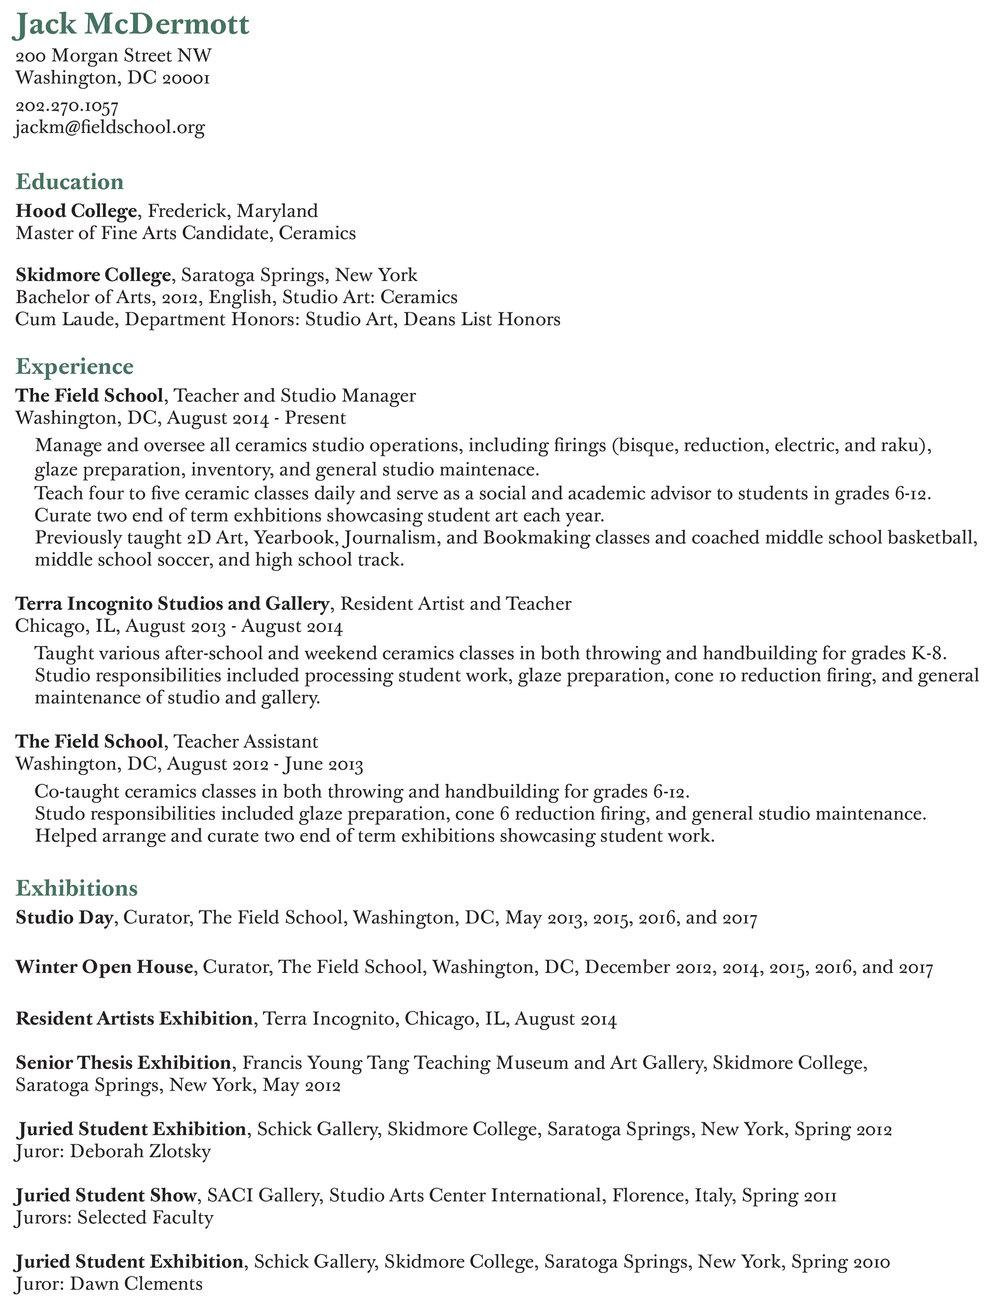 healthcare management essay conclusion